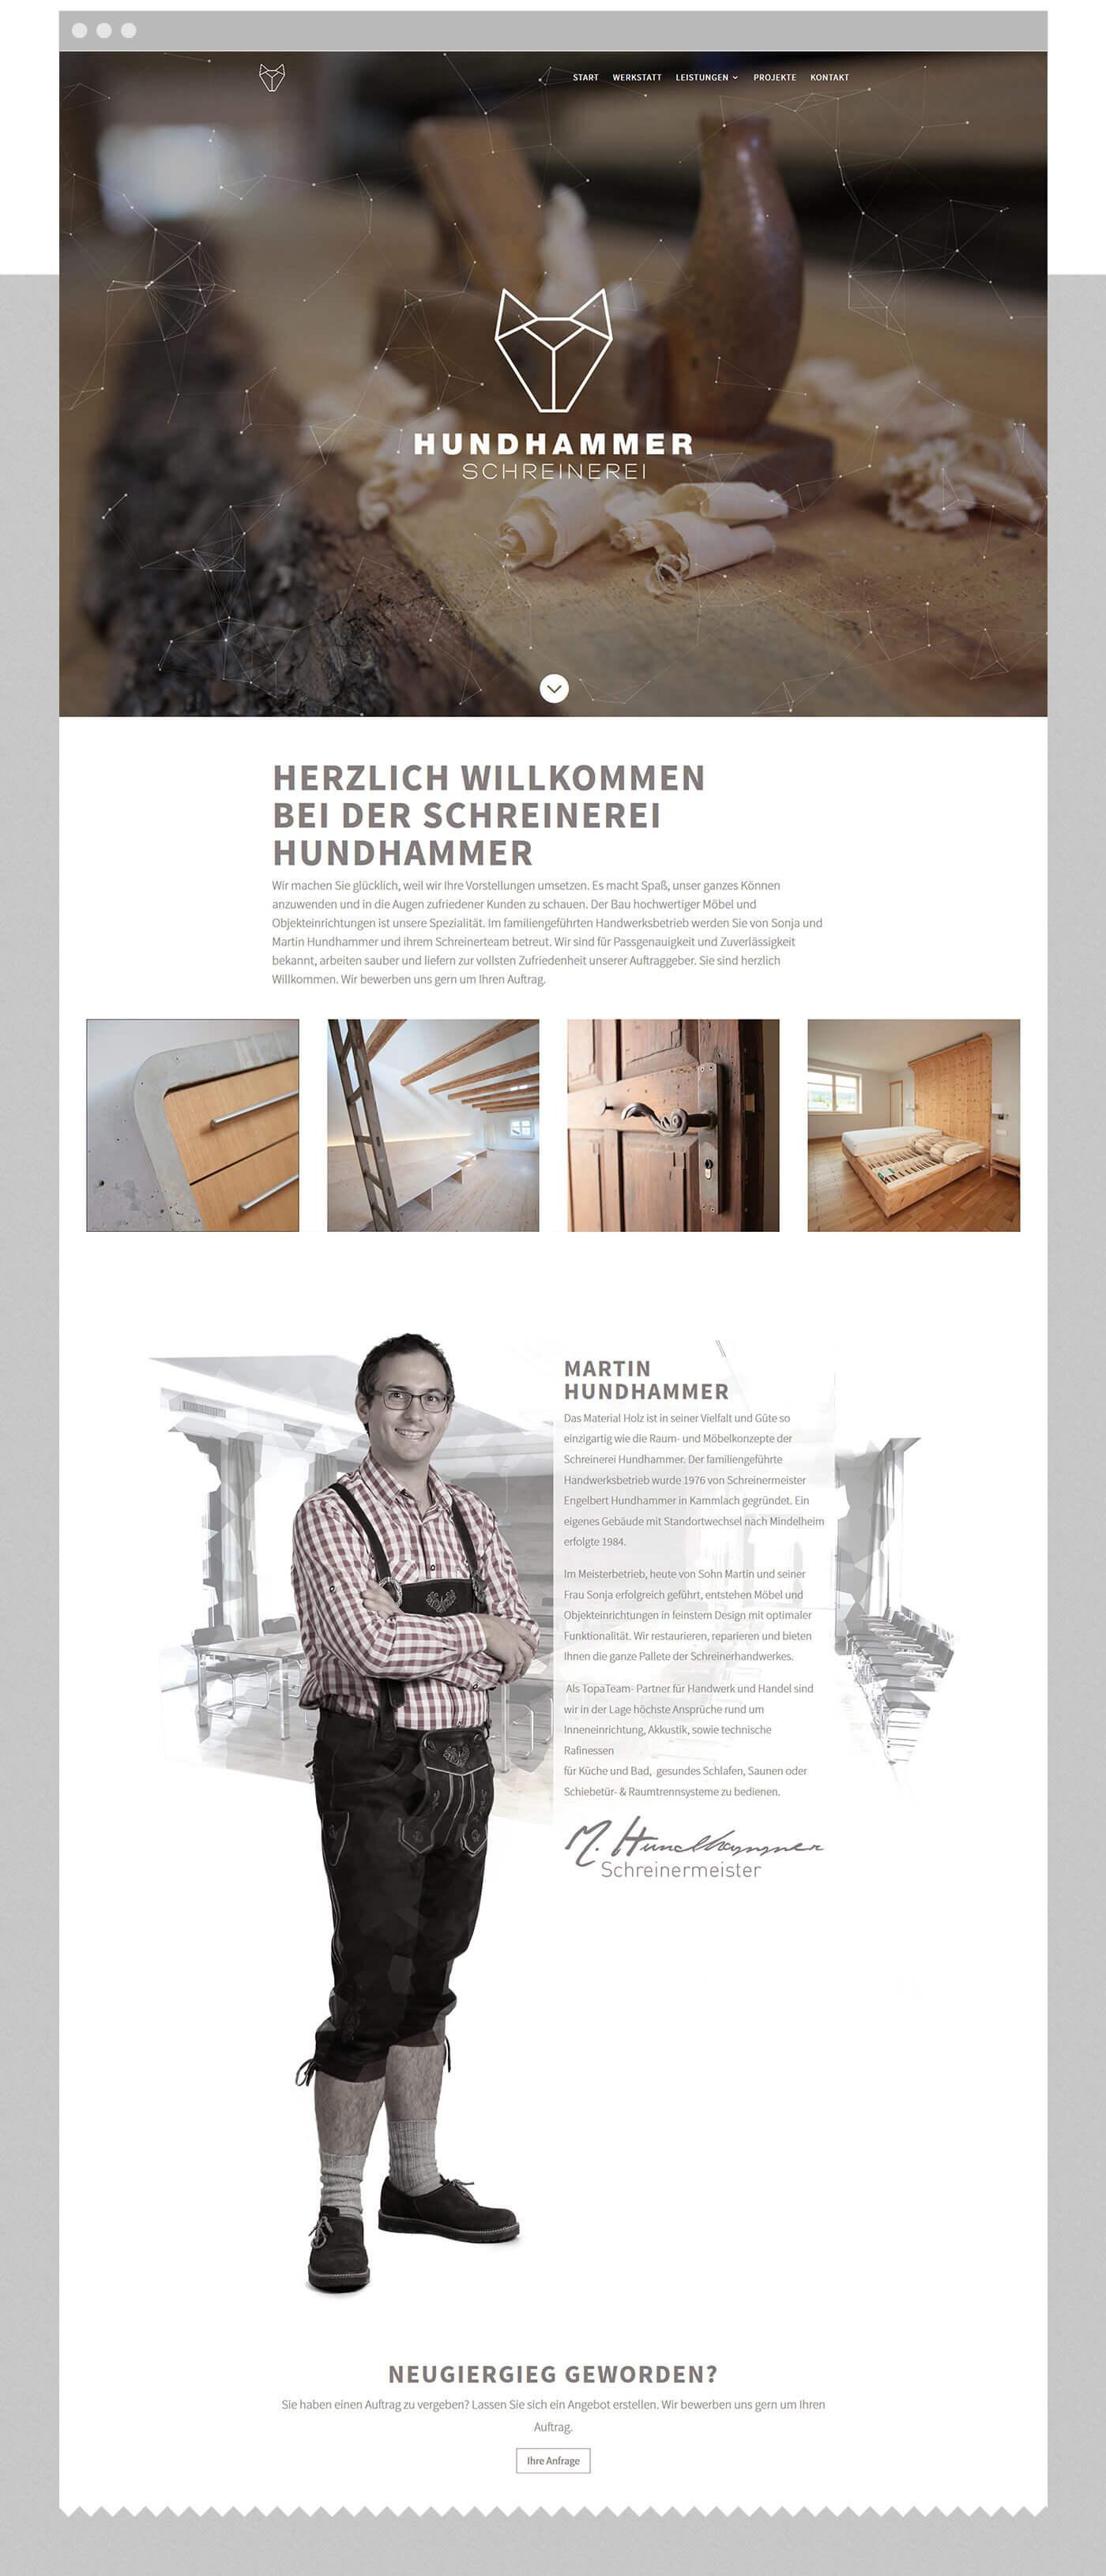 marketing agentur ostfildern - dt media group - schreinerei hundhammer